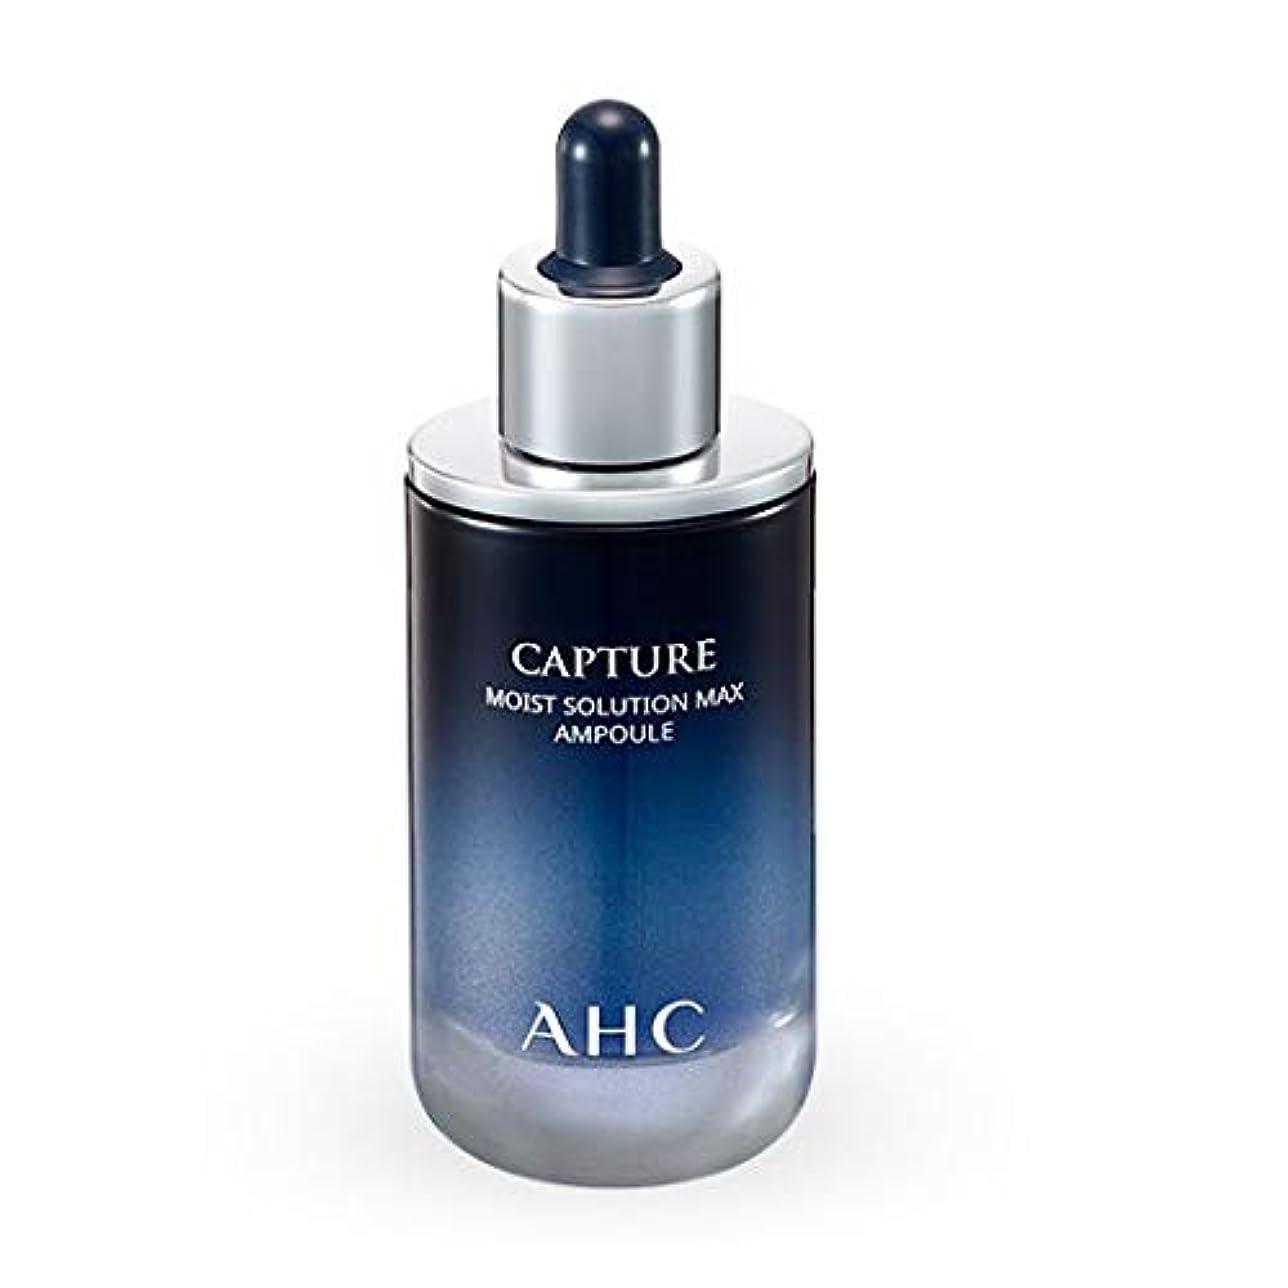 怒って個人共和党AHC Capture Moist Solution Max Ampoule/キャプチャー モイスト ソリューション マックス アンプル 50ml [並行輸入品]